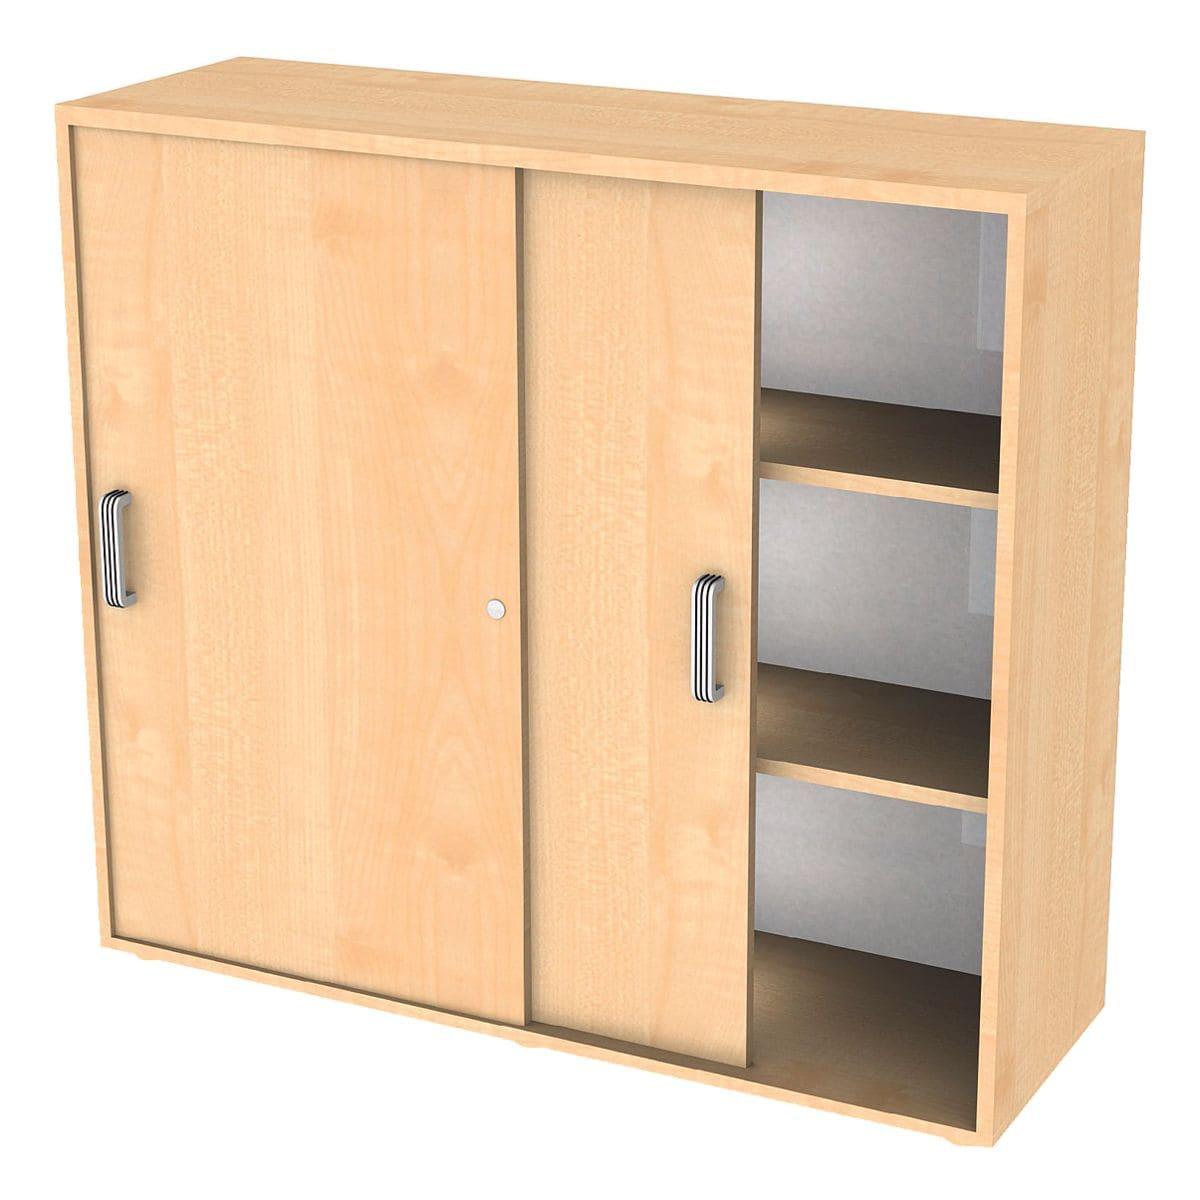 otto office premium schiebet renschrank otto office line. Black Bedroom Furniture Sets. Home Design Ideas